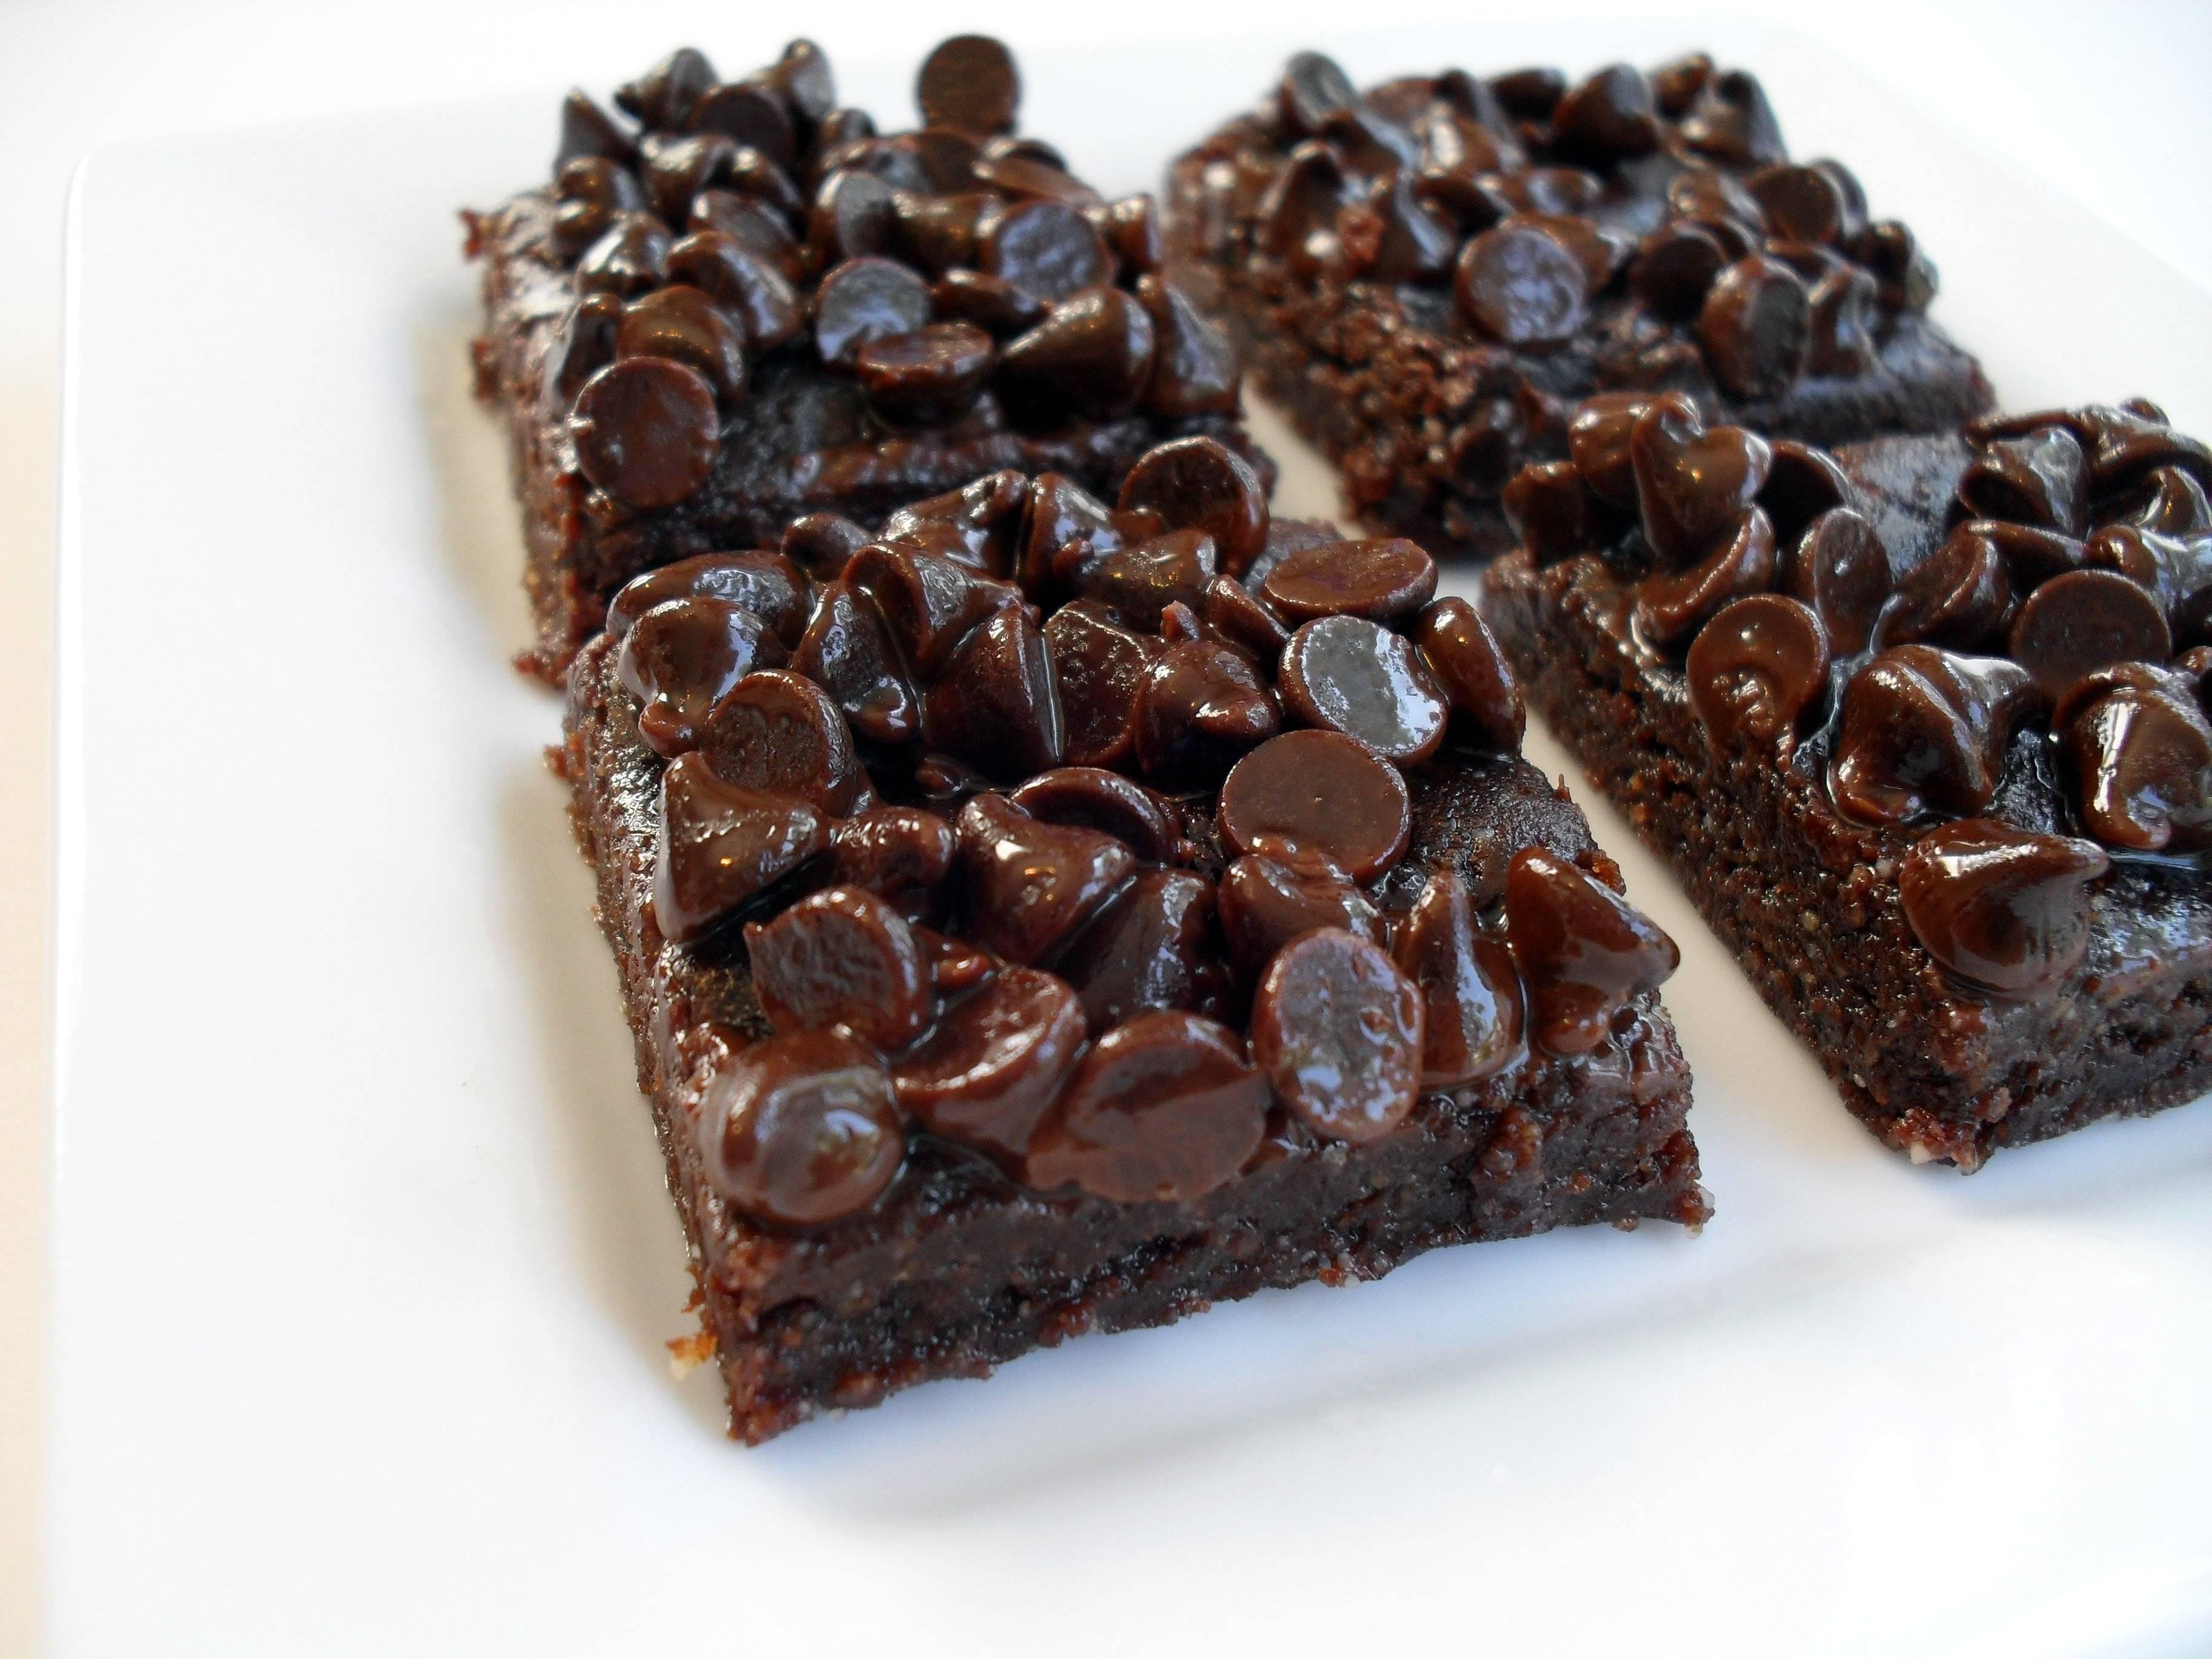 Брауни десерт: виды десерта, секреты приготовления